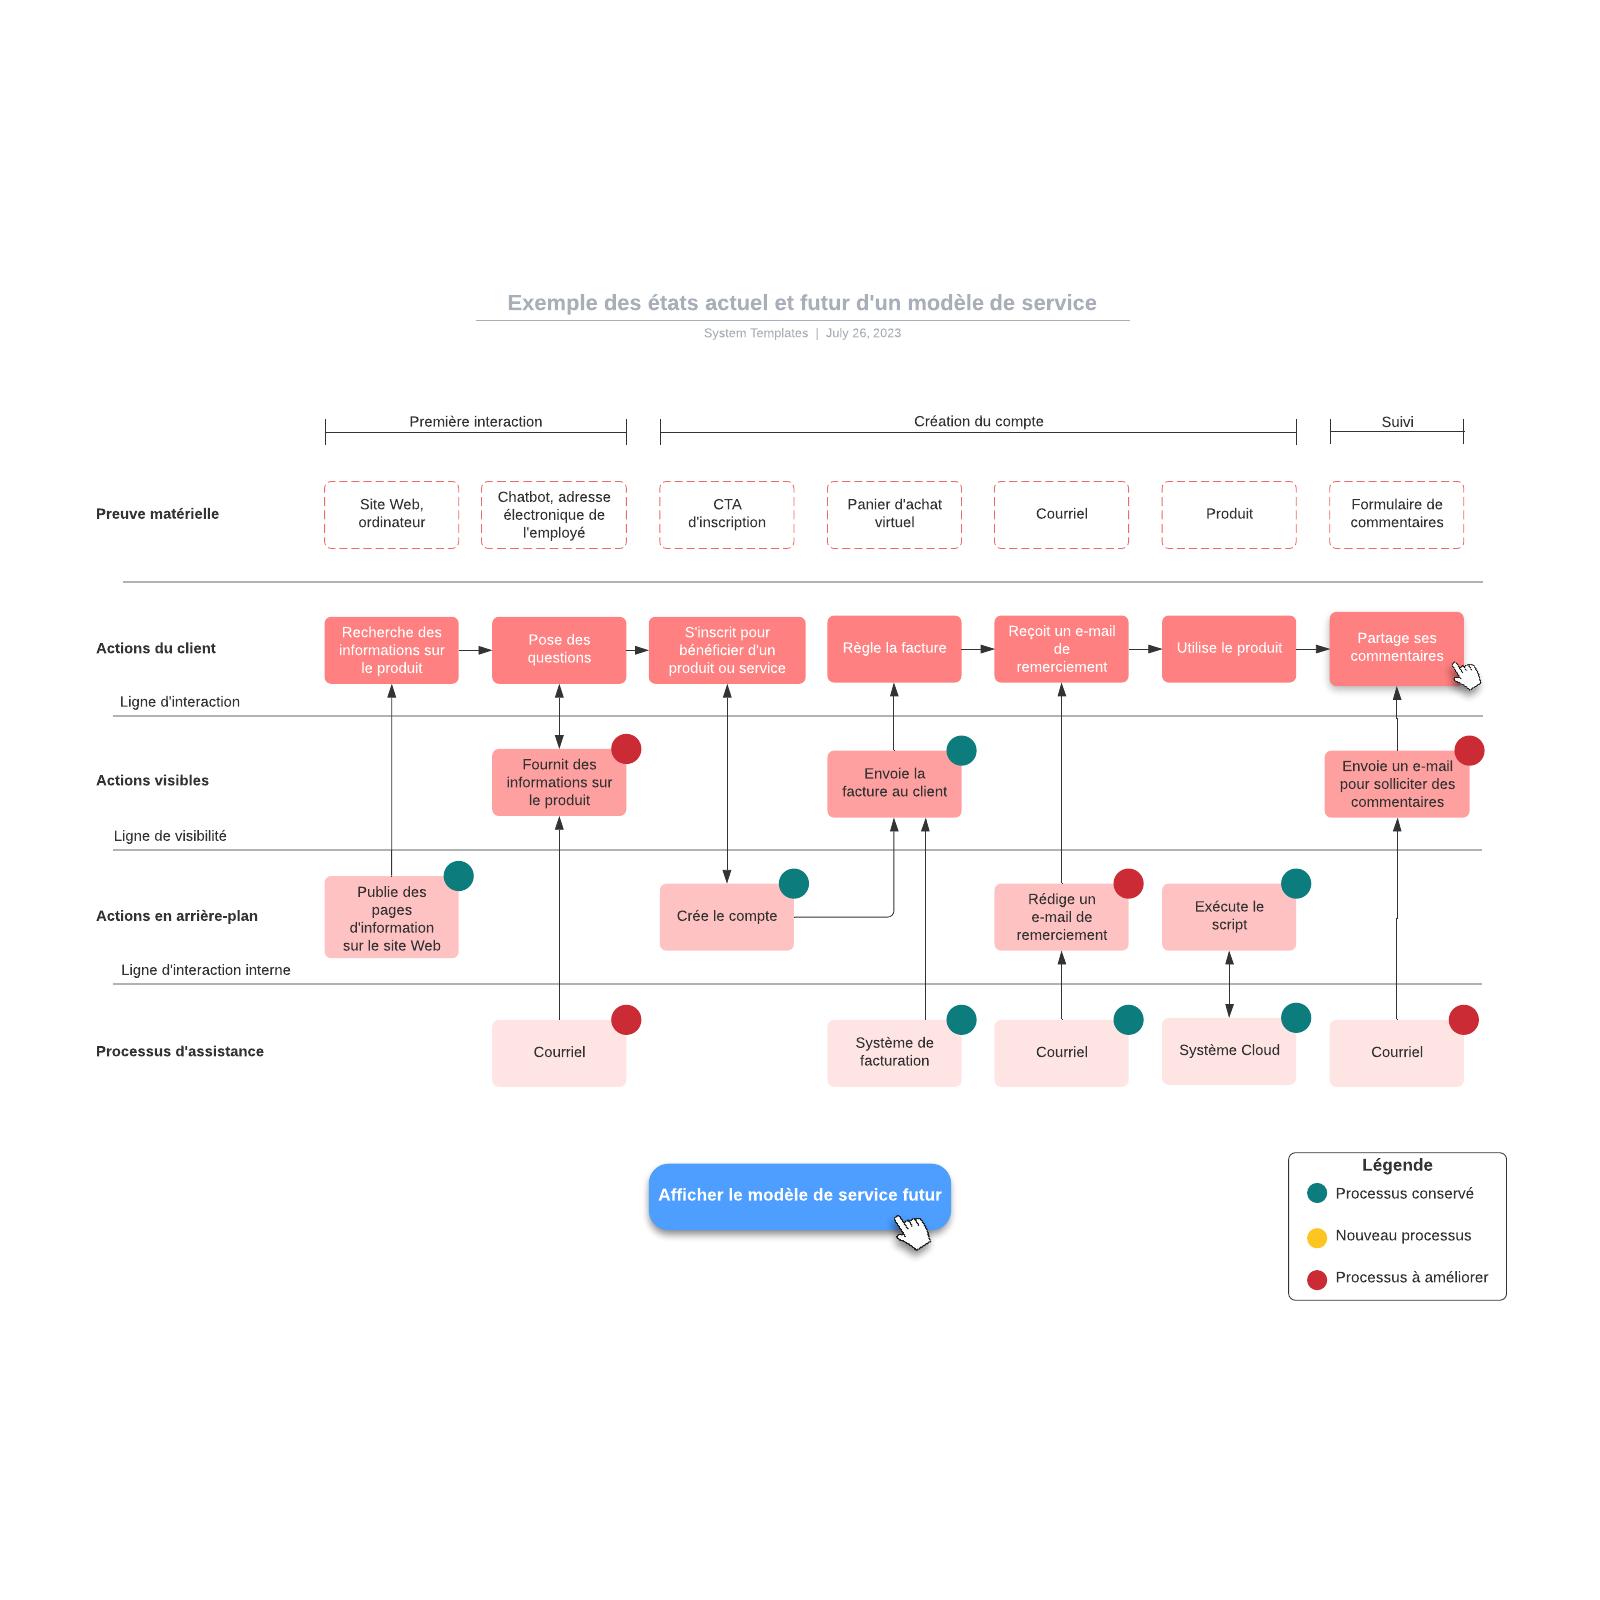 exemple des états actuel et futur d'un modèle de service